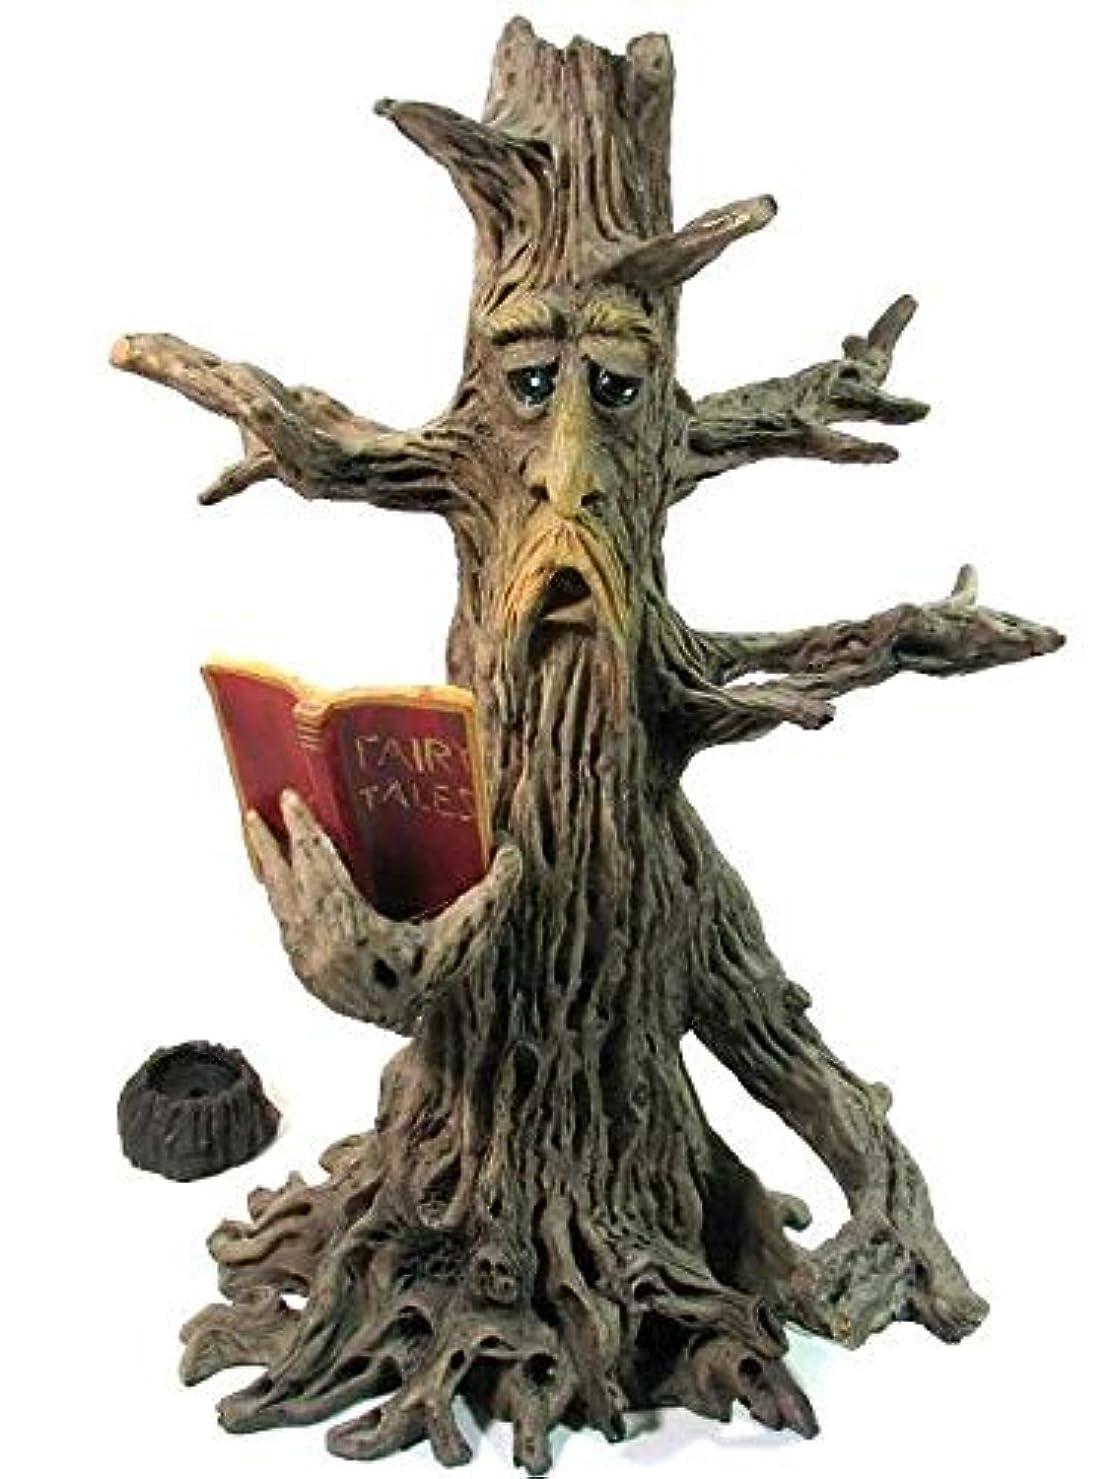 に変わる教育する殺す[INCENSE GOODS(インセンスグッズ)] TREE MAN READING BOOK INCENSE BURNER 木の精香立